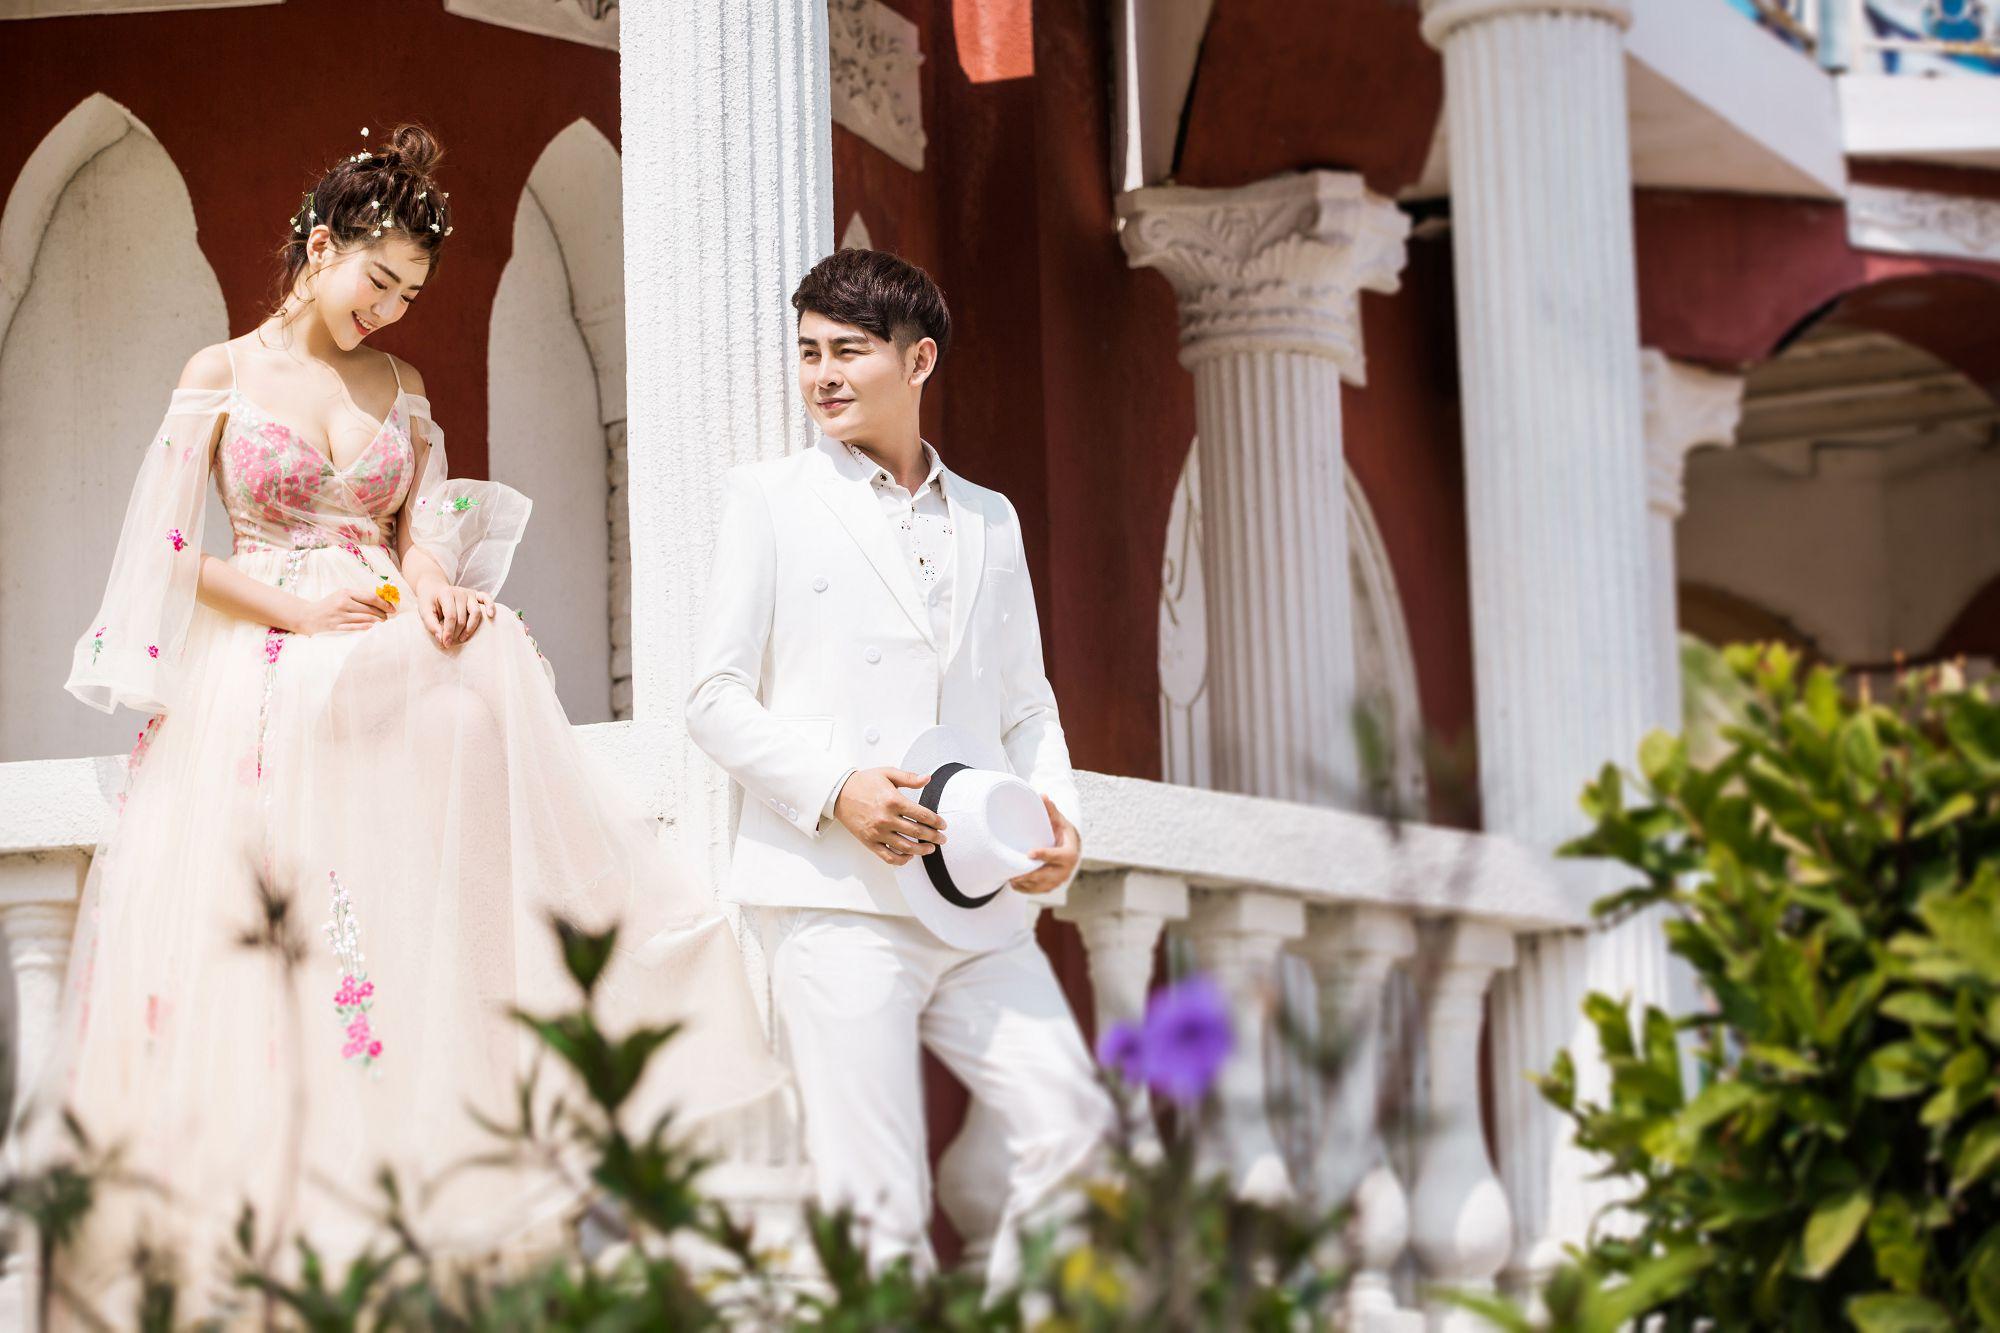 穿婚纱应该穿什么样的内衣,婚纱内衣怎么选